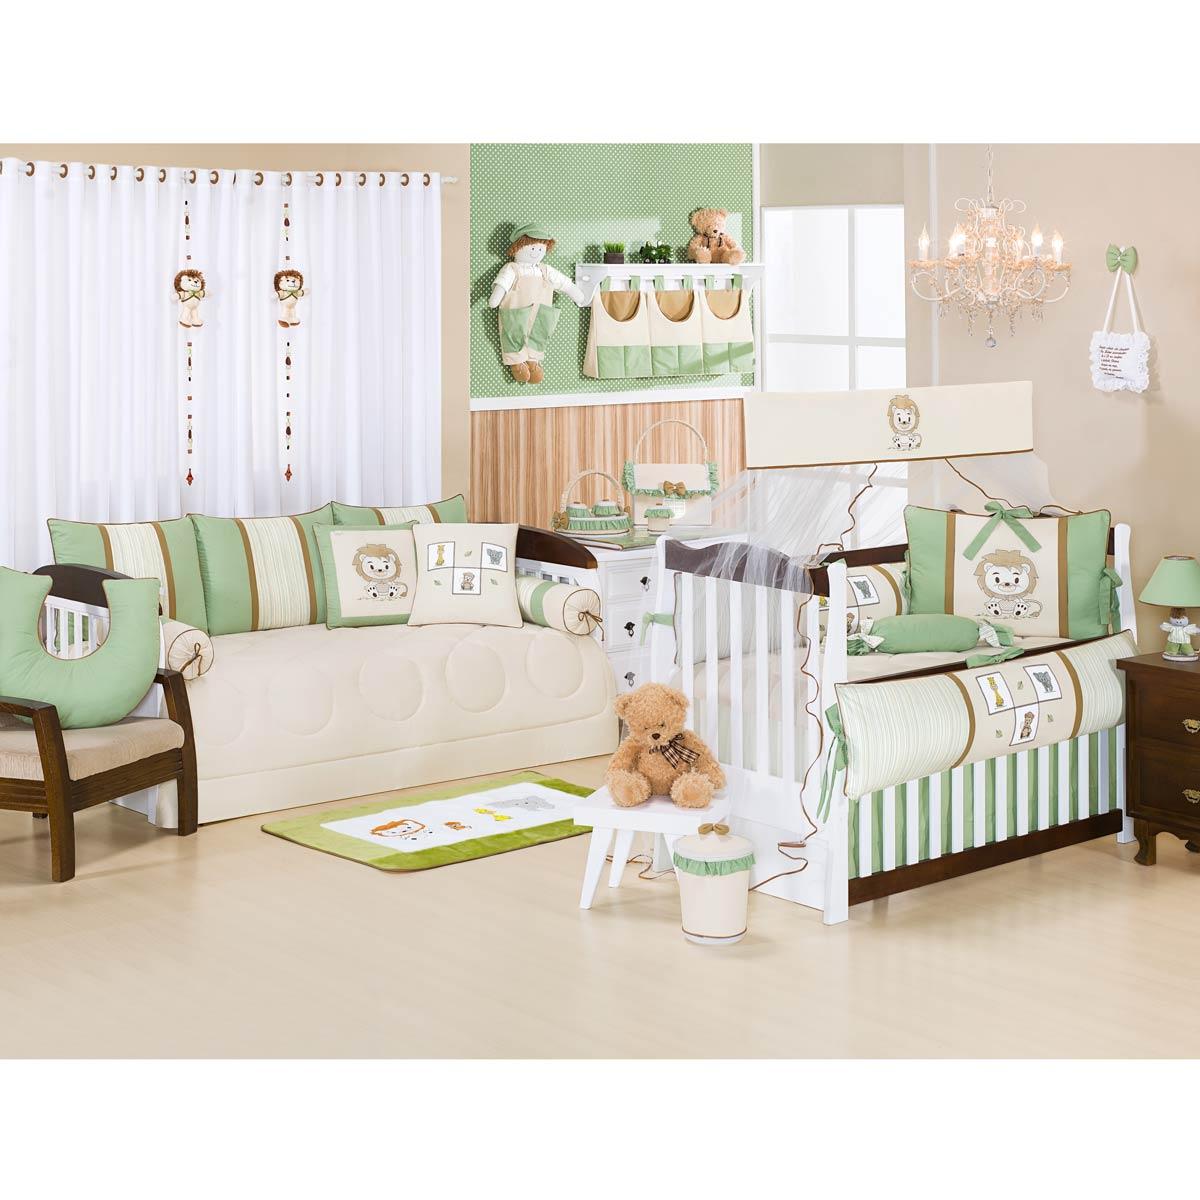 Apoio para Amamentar Bebê - Coleção Leãozinho Baby